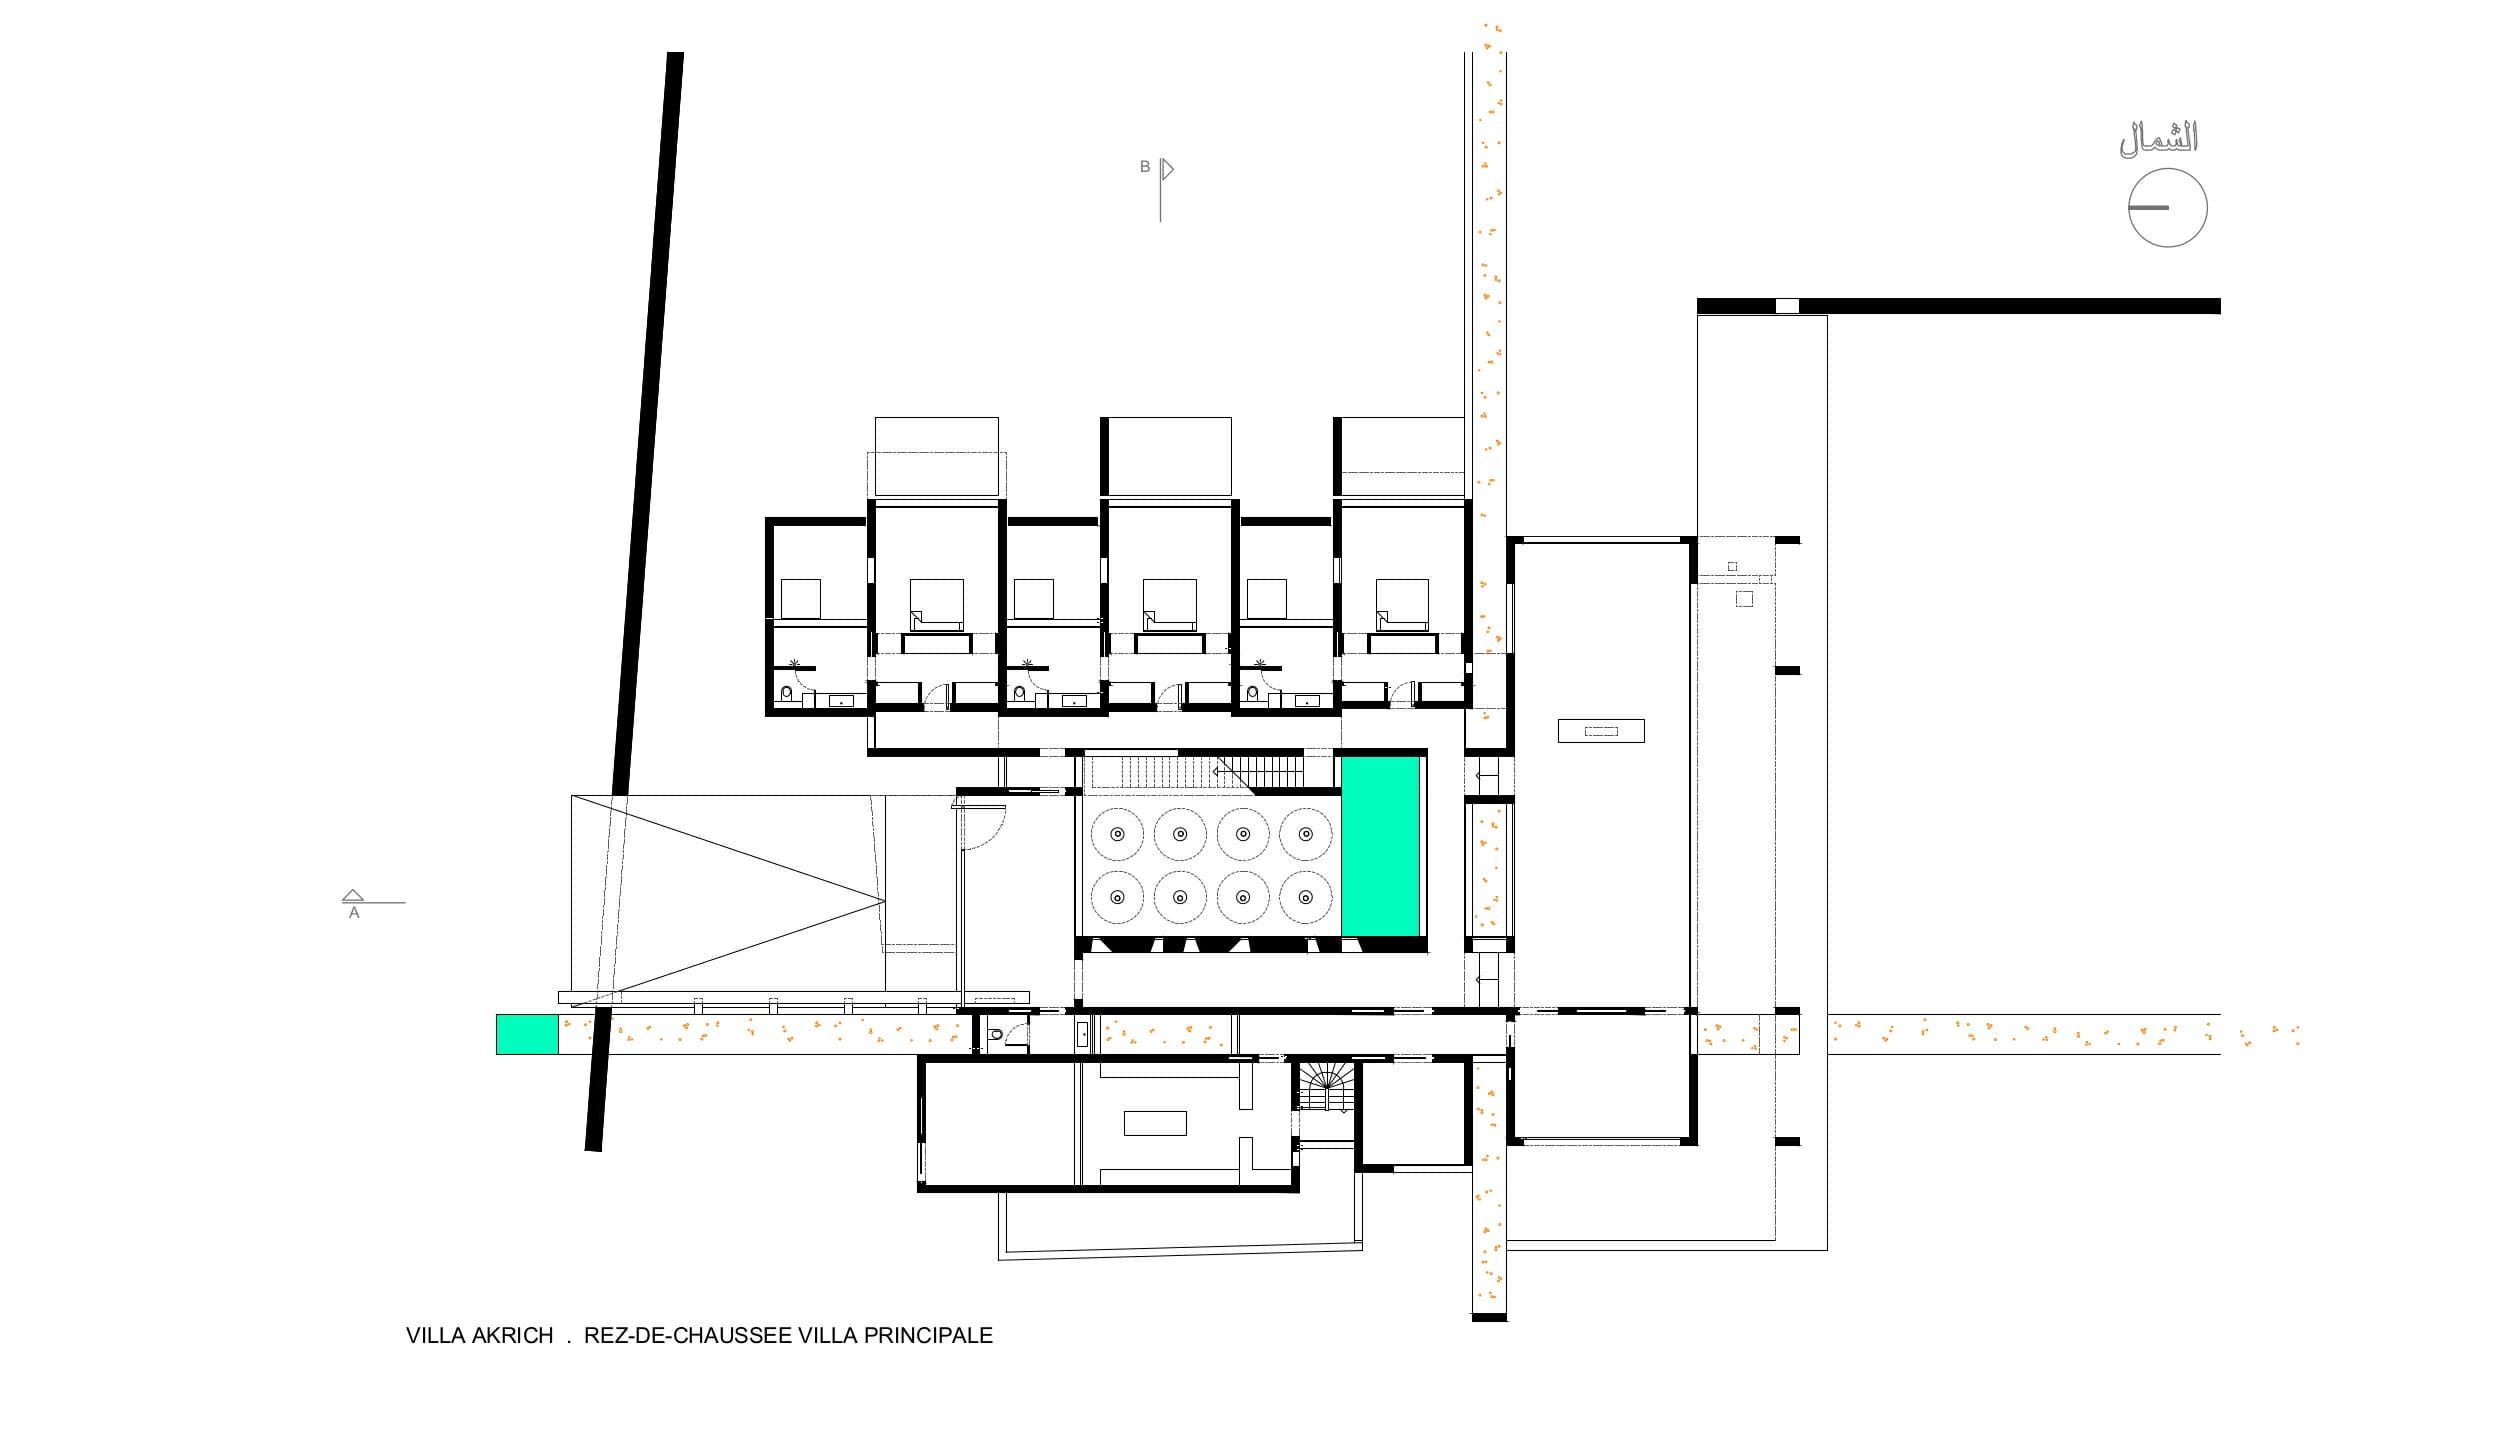 AKRICH.plan-02-rdc